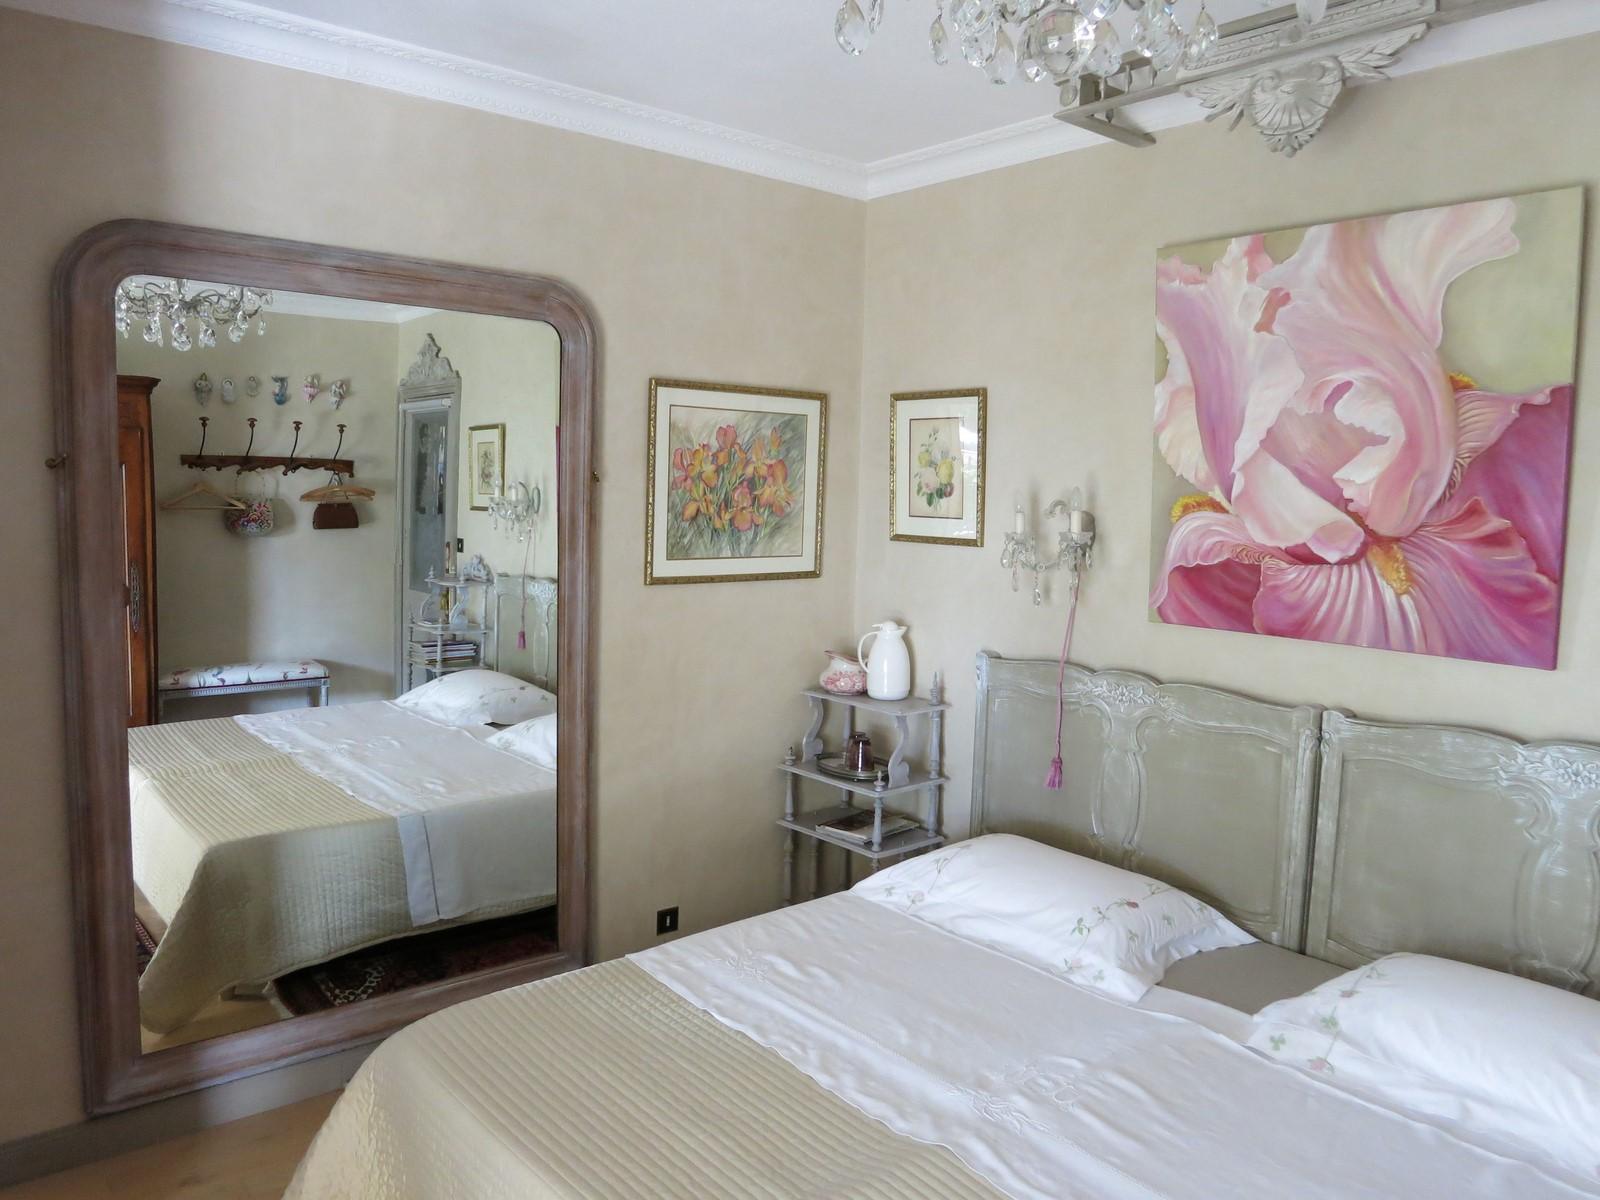 Chambre d h´tes les Iris guest house sur la c´te d azur Provence